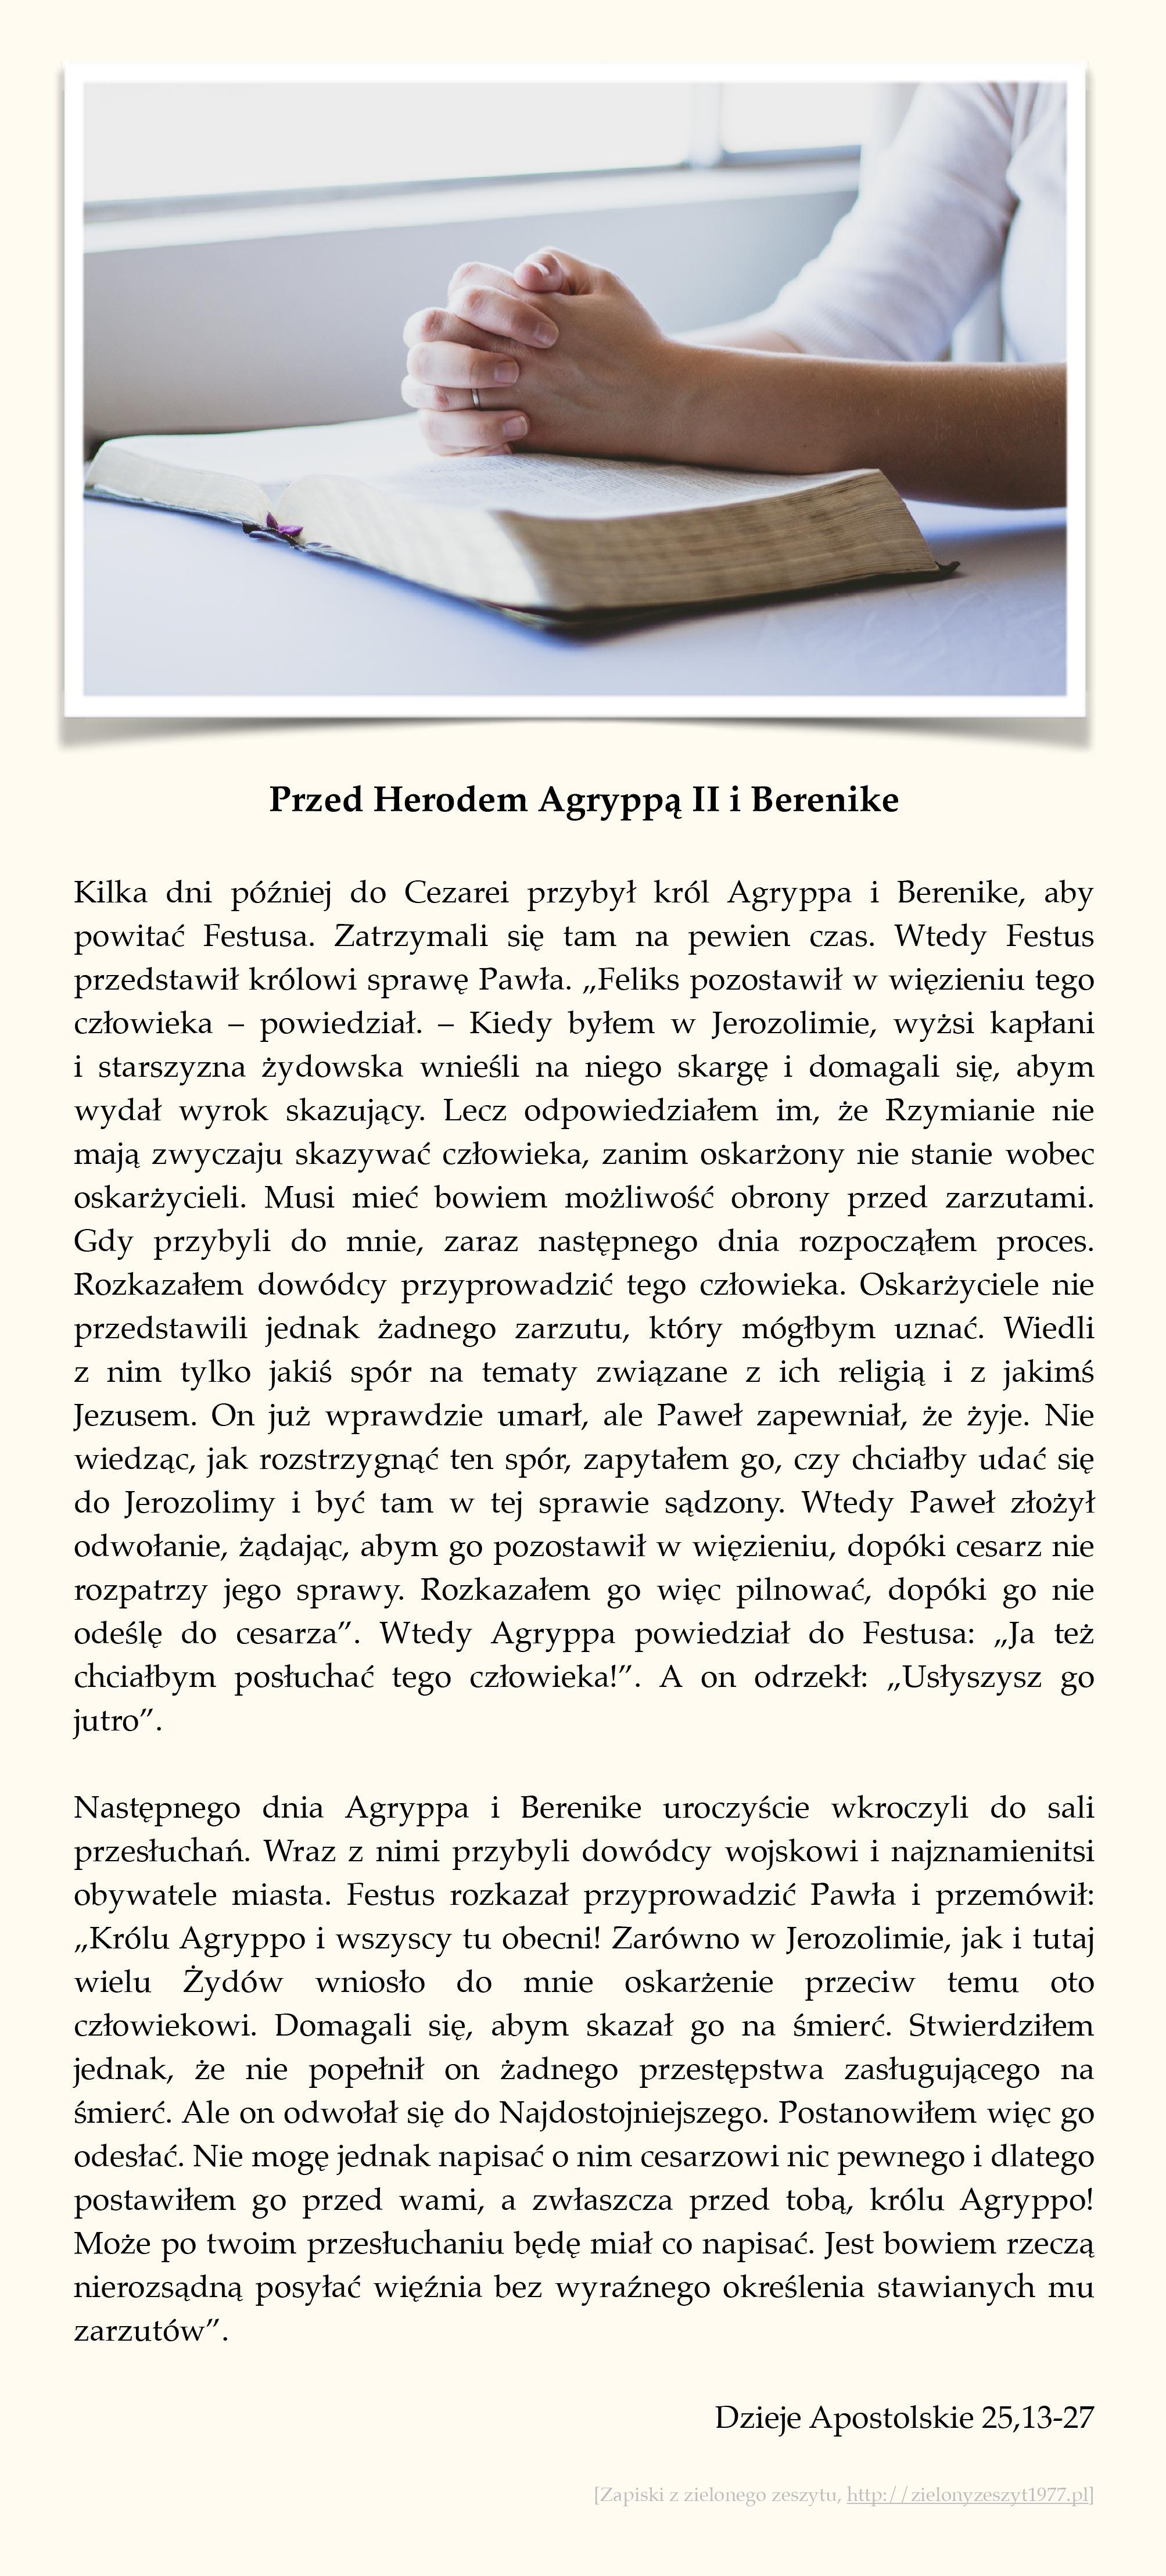 Dzieje Apostolskie 25,13-27 (Przed Herodem Agryppą II i Berenike)